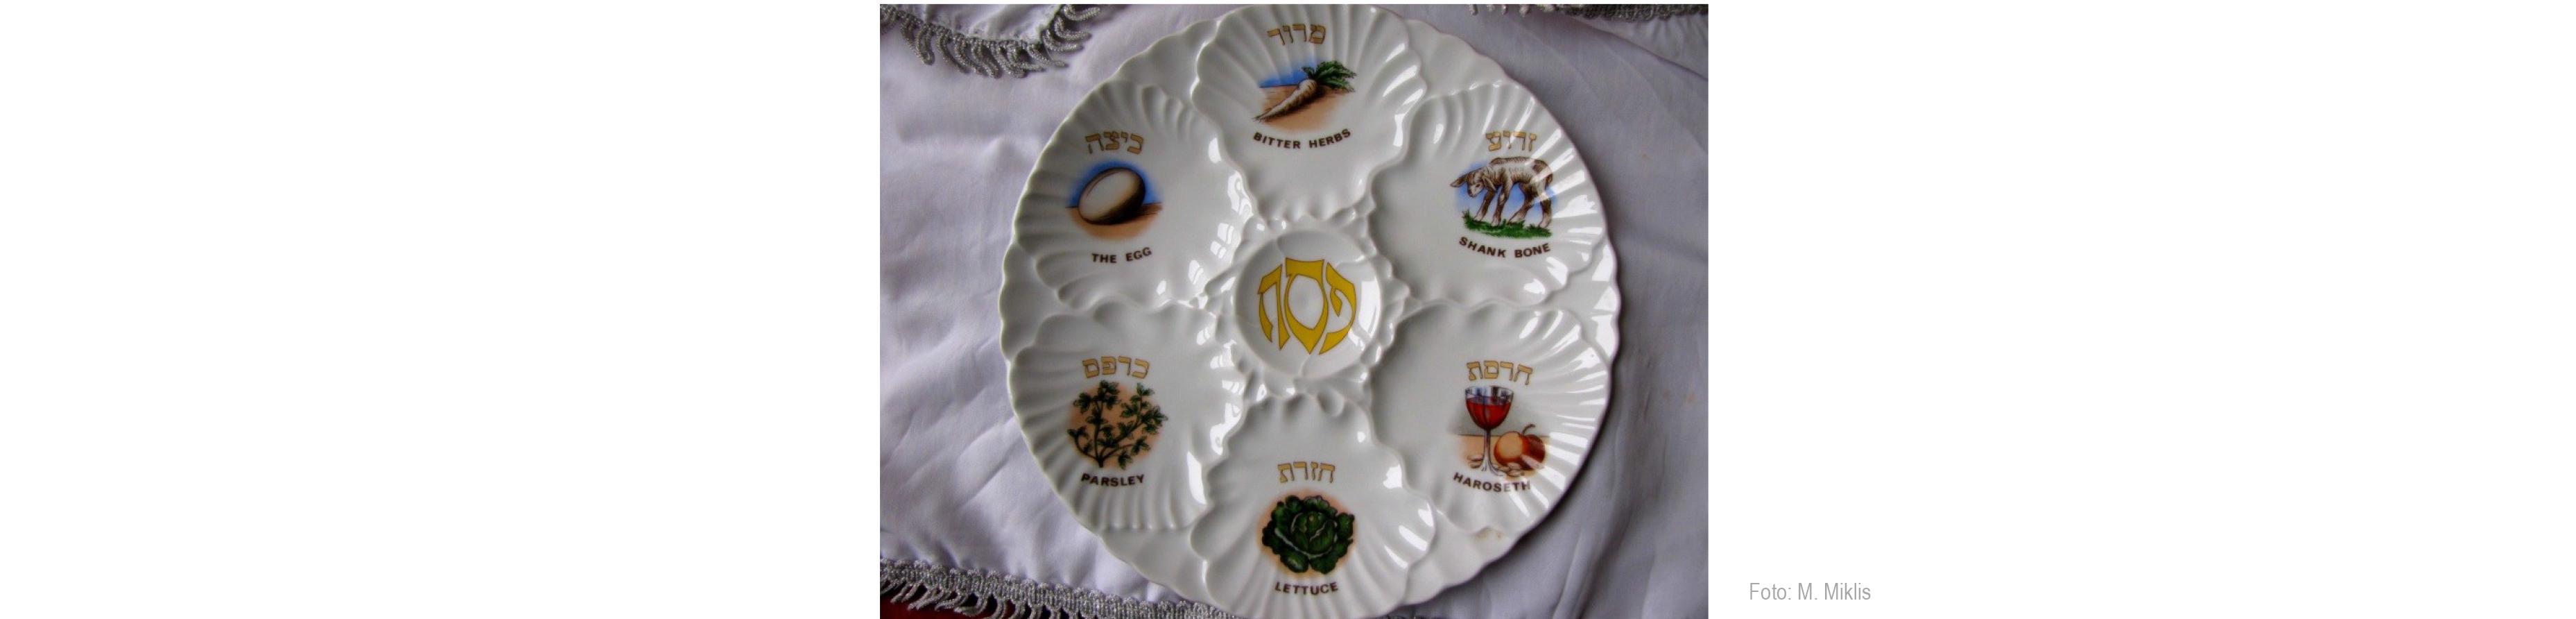 Jüdische Zeremonialkunst zum Pessach Fest, Foto: M.Miklis